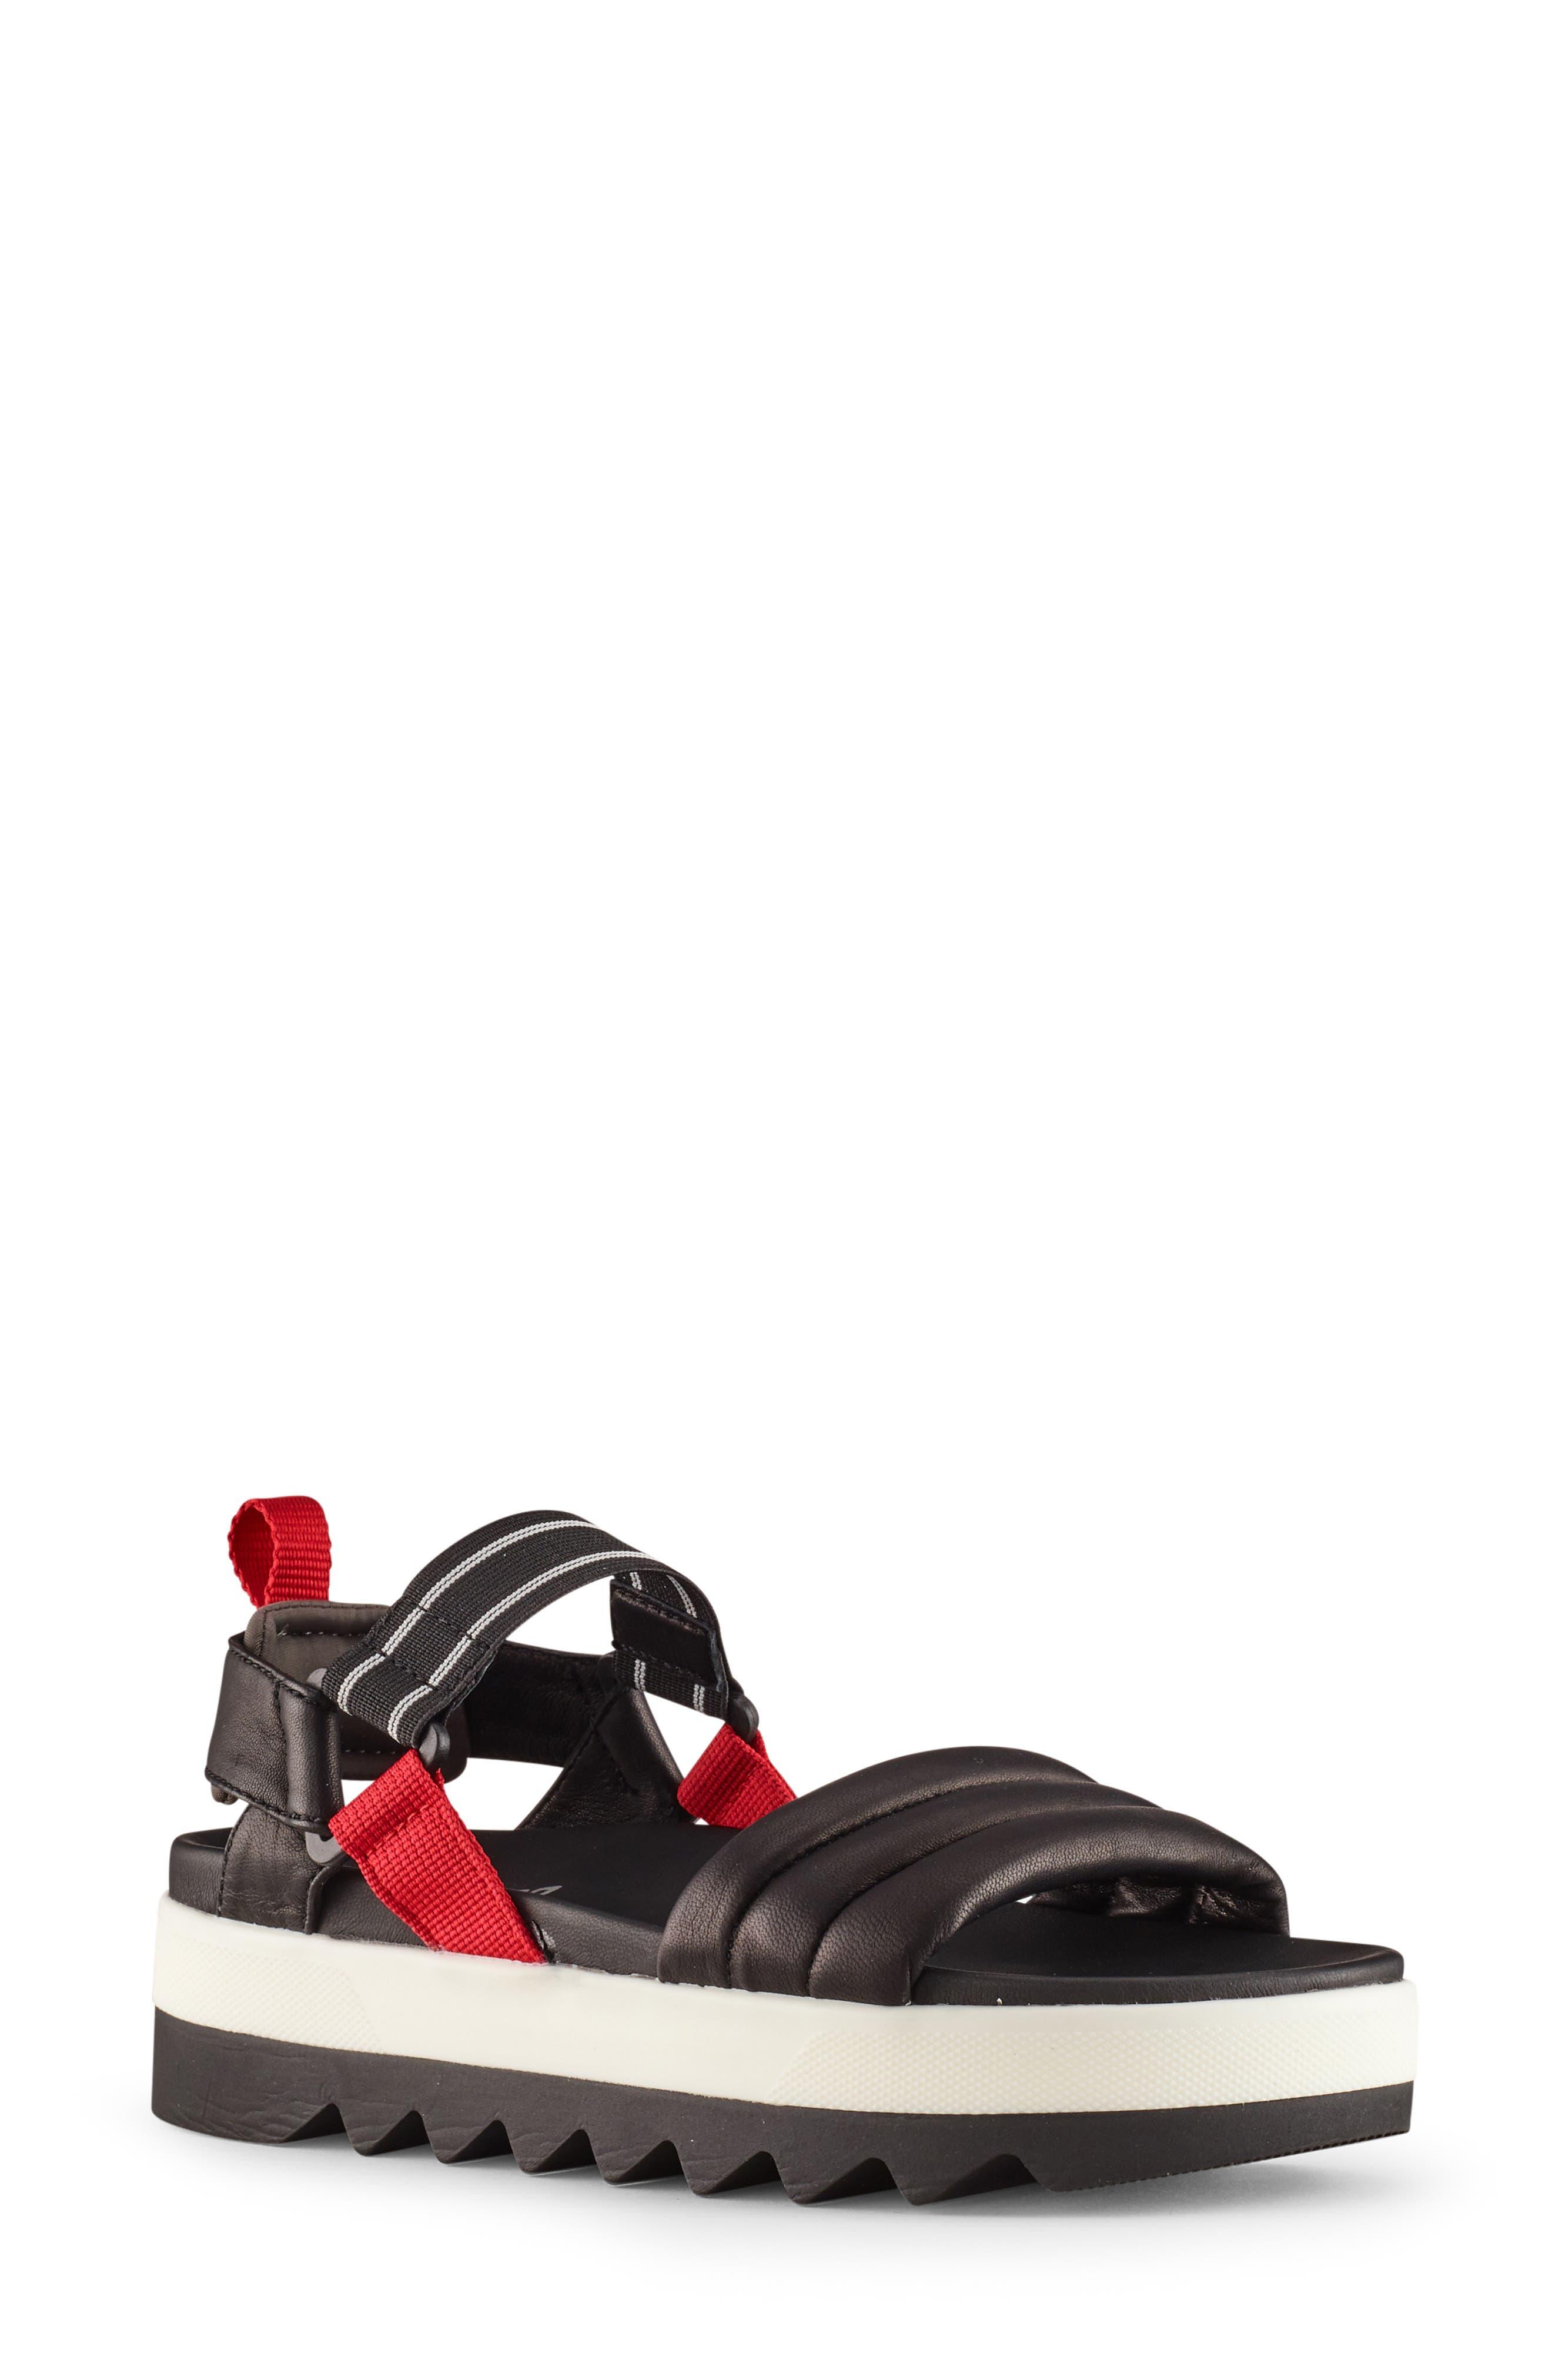 Pippy Platform Sandal, Main, color, BLACK/ RED LEATHER